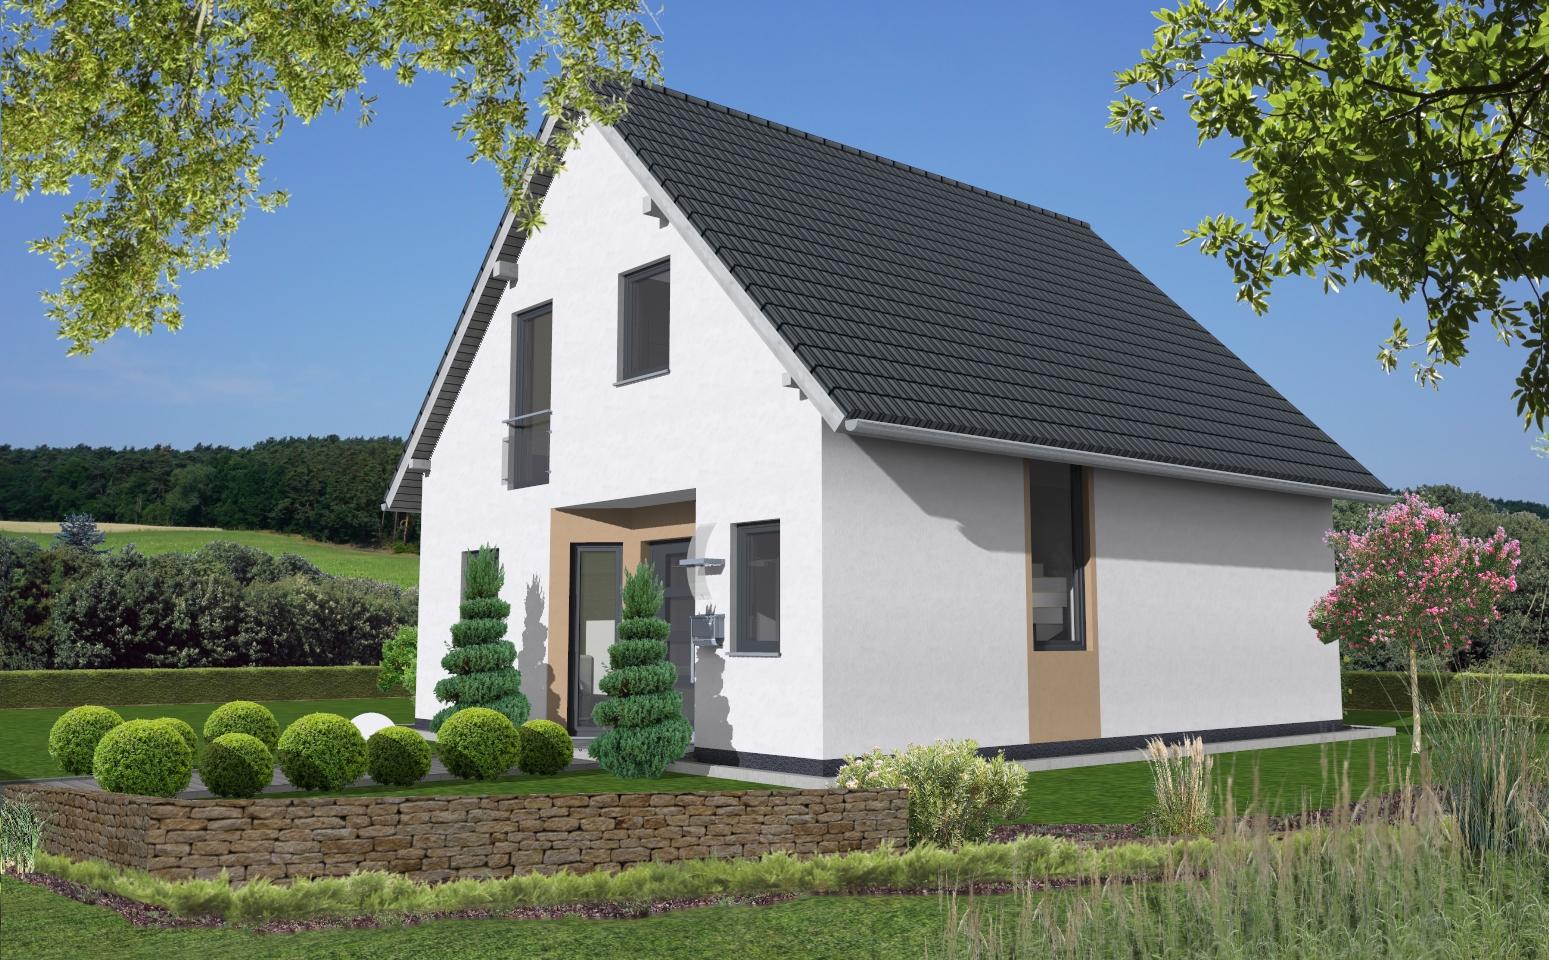 Einfamilienhaus 1 010